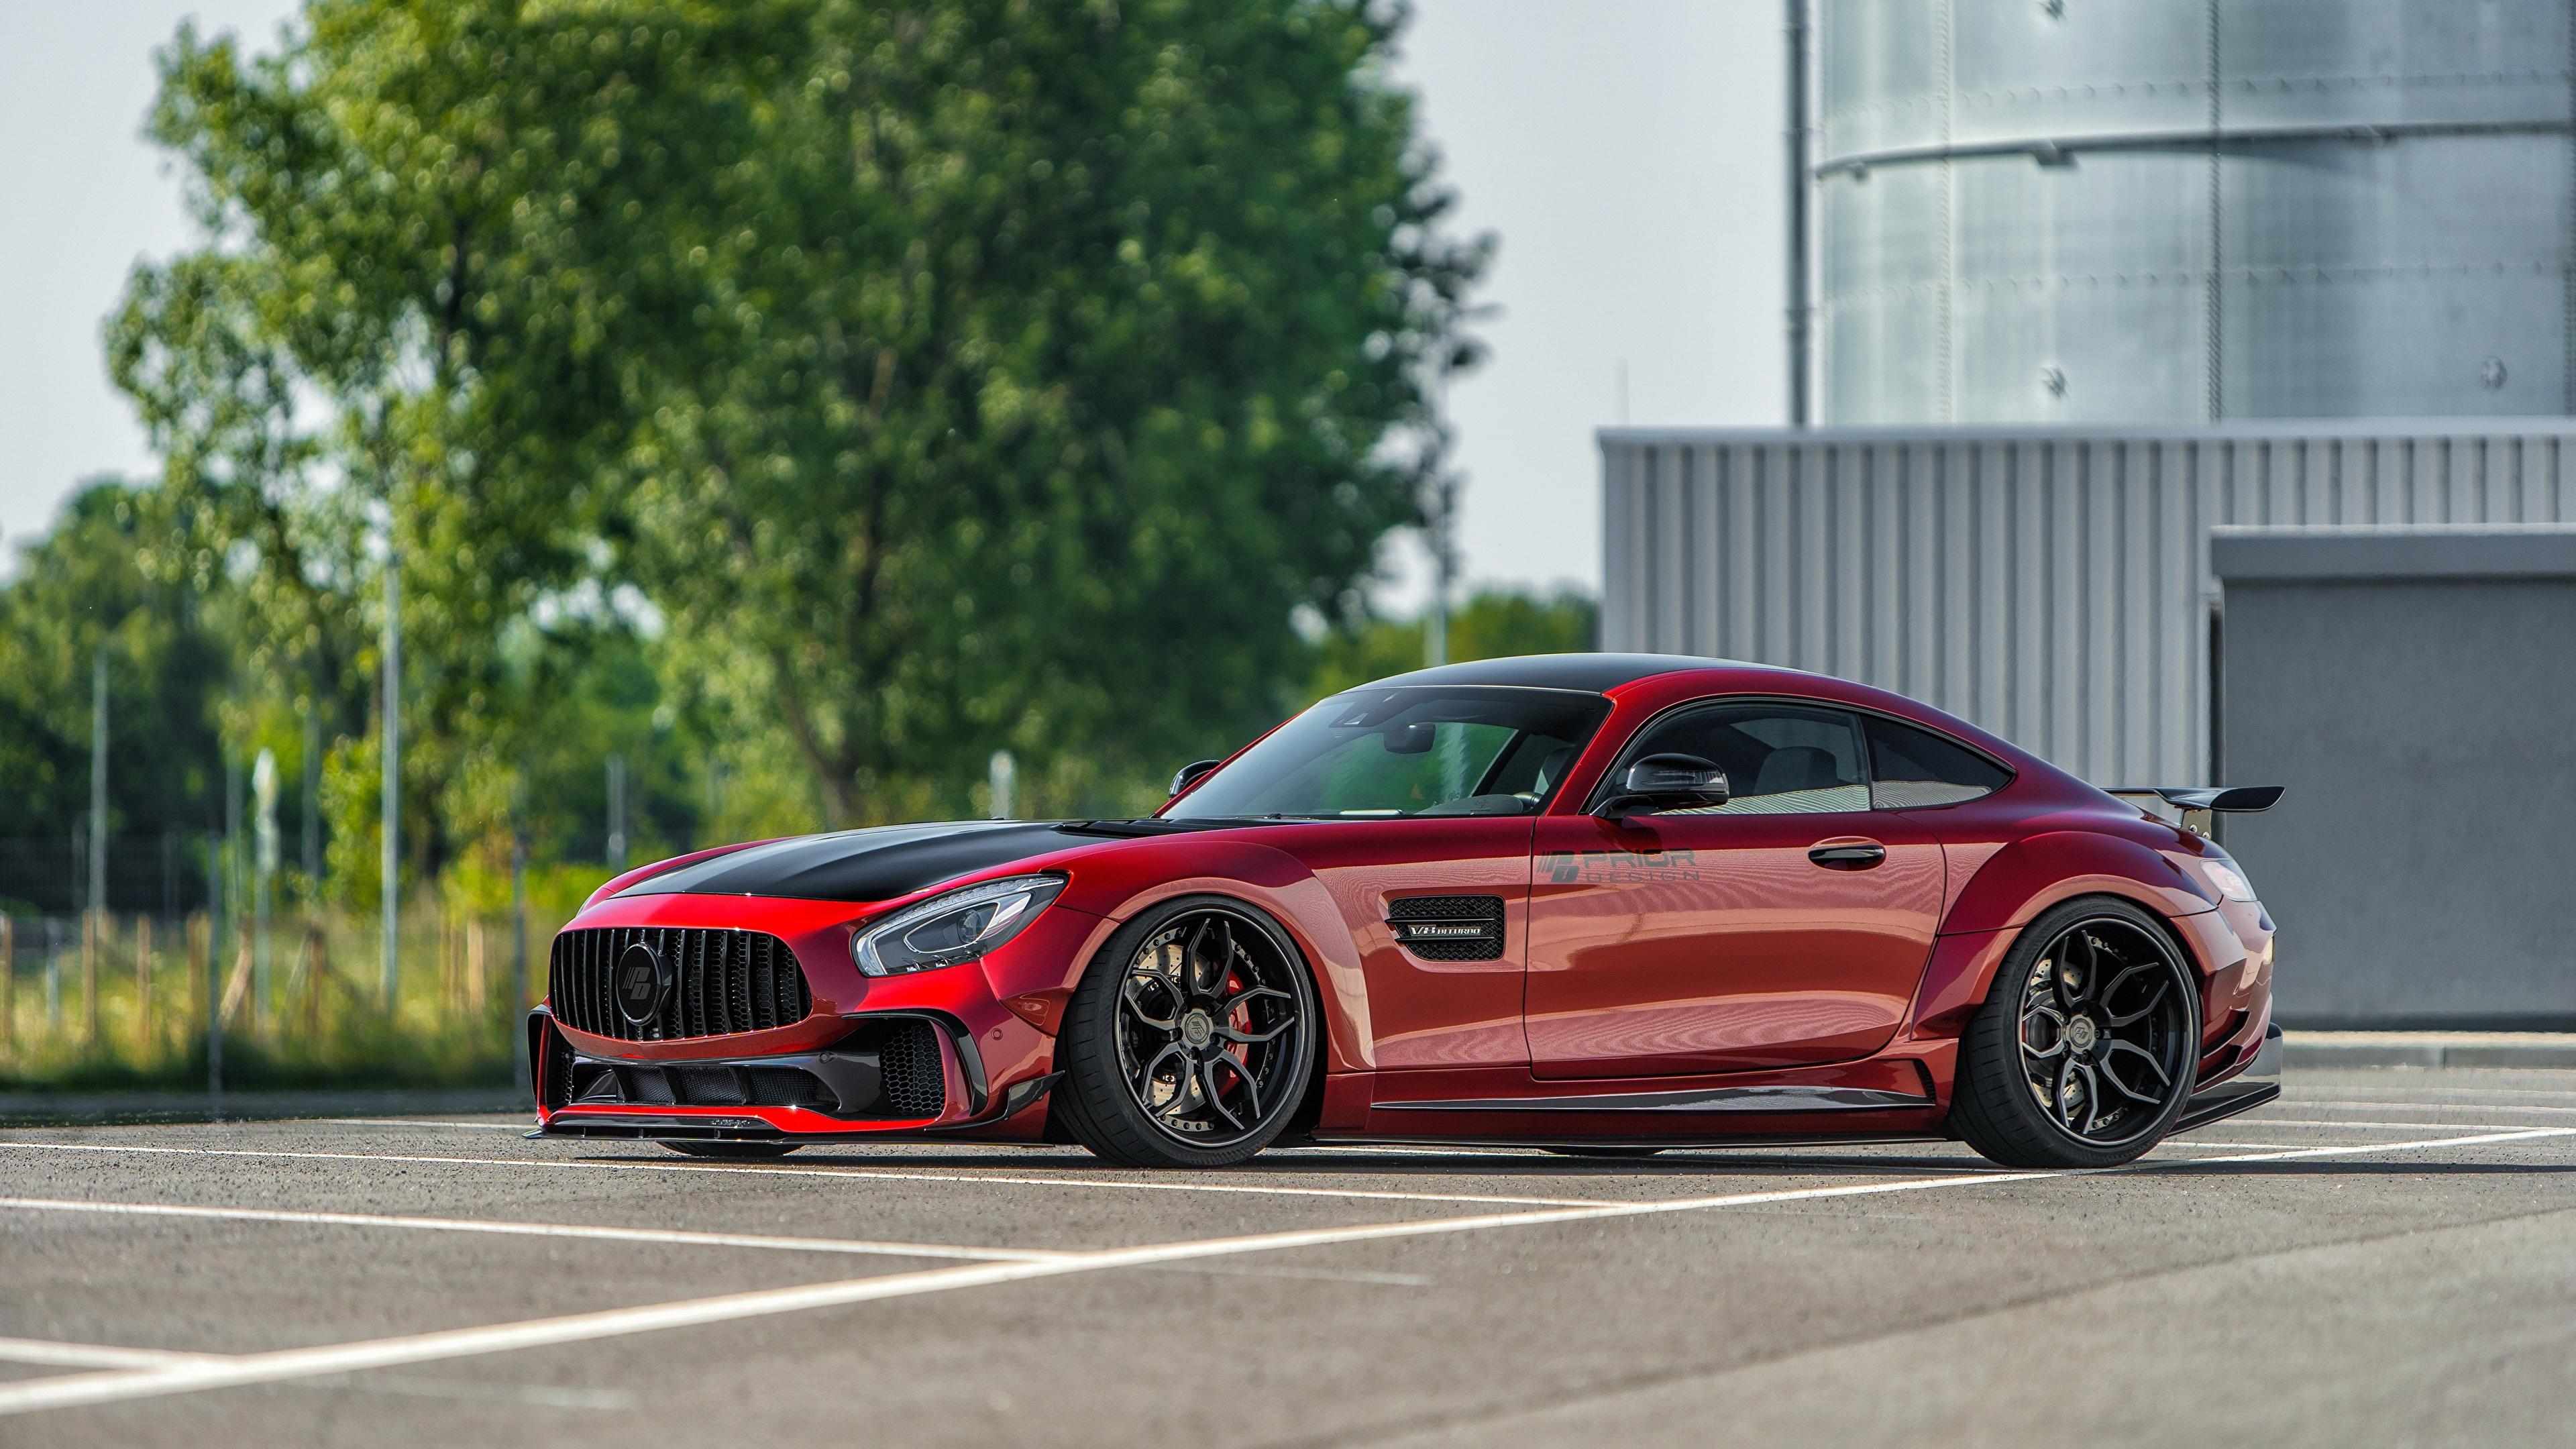 Фотографии Мерседес бенц AMG GT красных Сбоку машины Металлик 3840x2160 Mercedes-Benz красная красные Красный авто машина Автомобили автомобиль